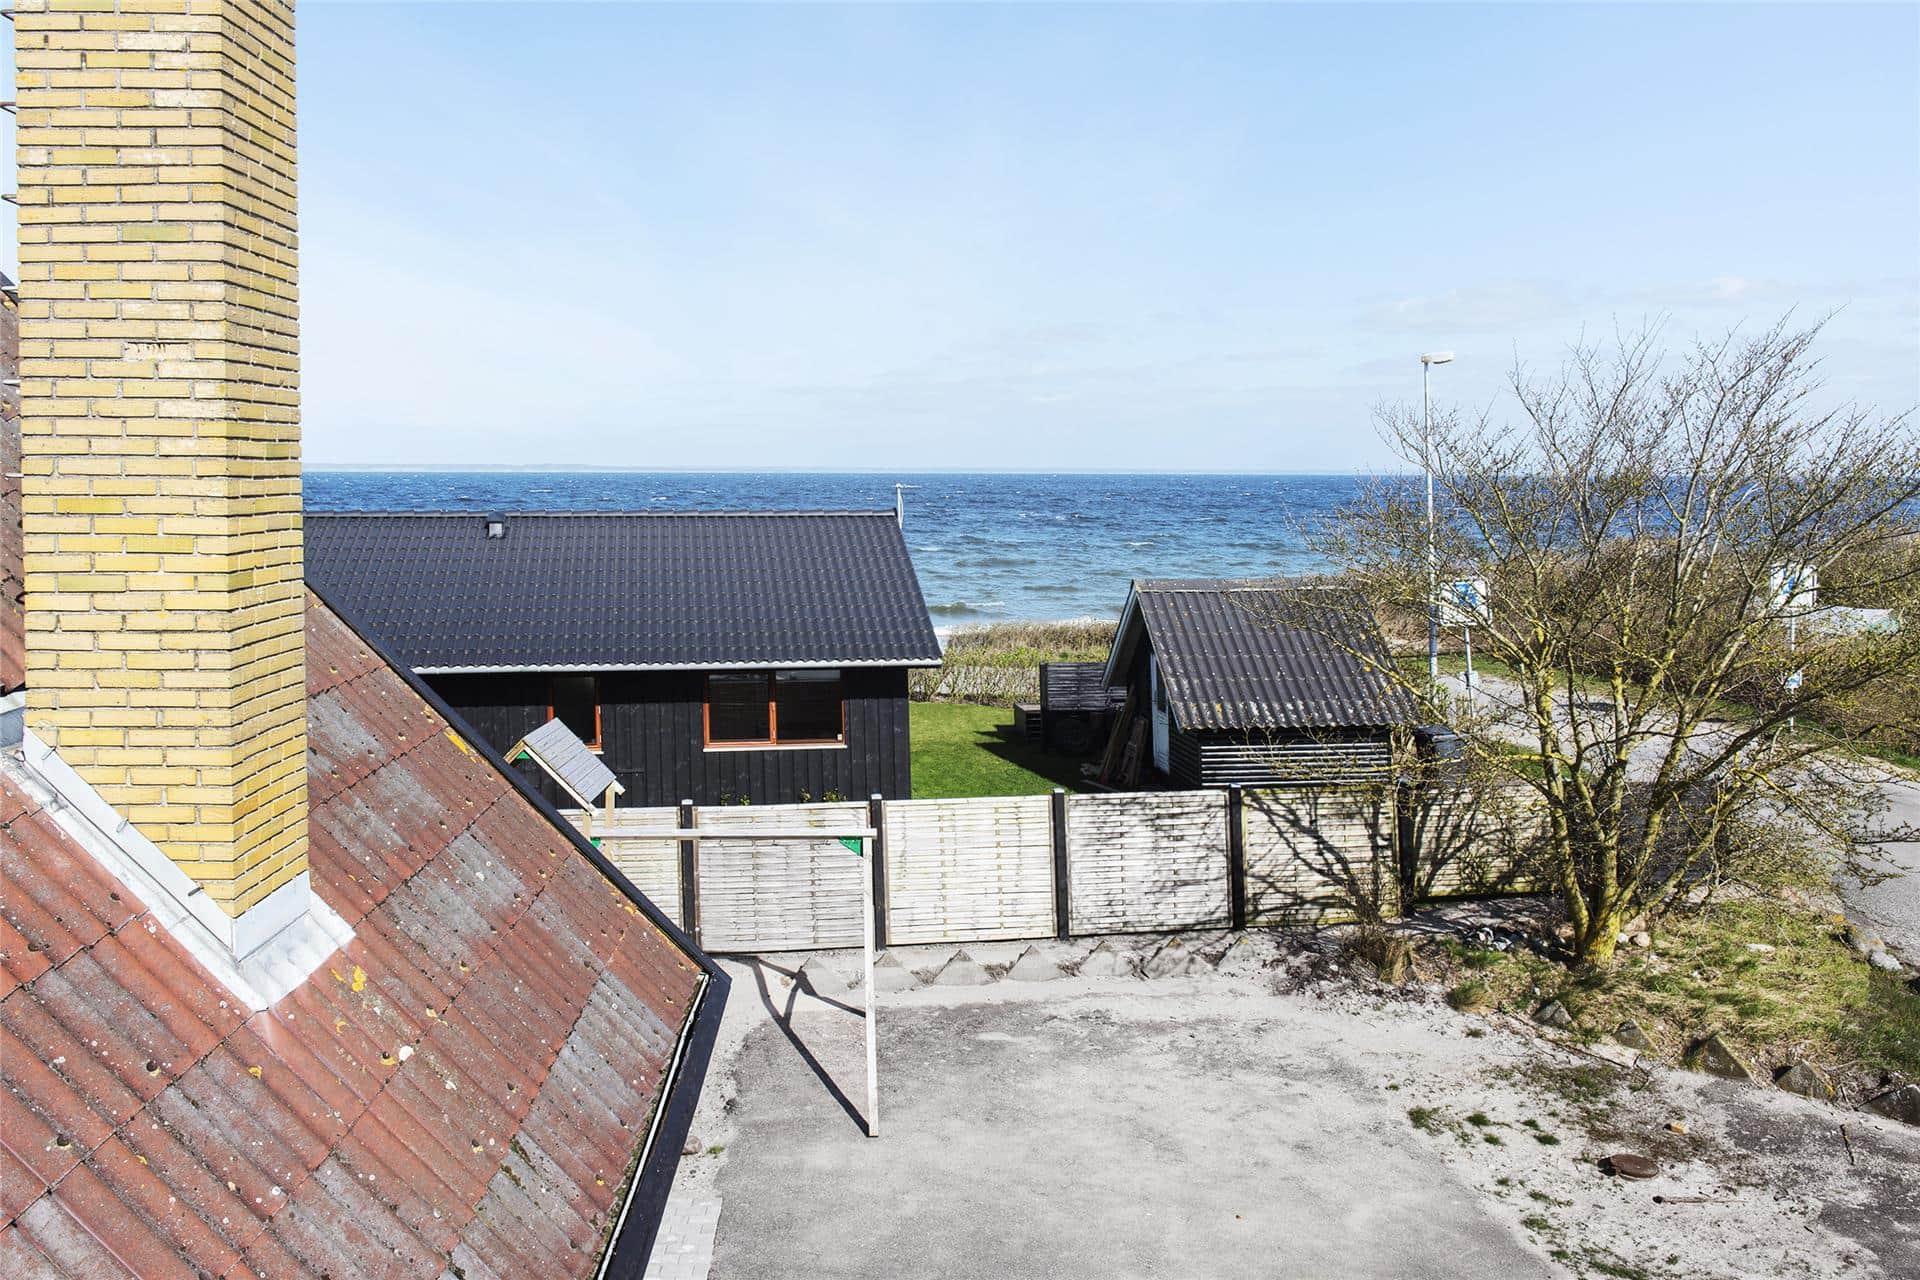 Billede 0-3 Sommerhus M64314, Bro Strandvej 36, DK - 5464 Brenderup Fyn